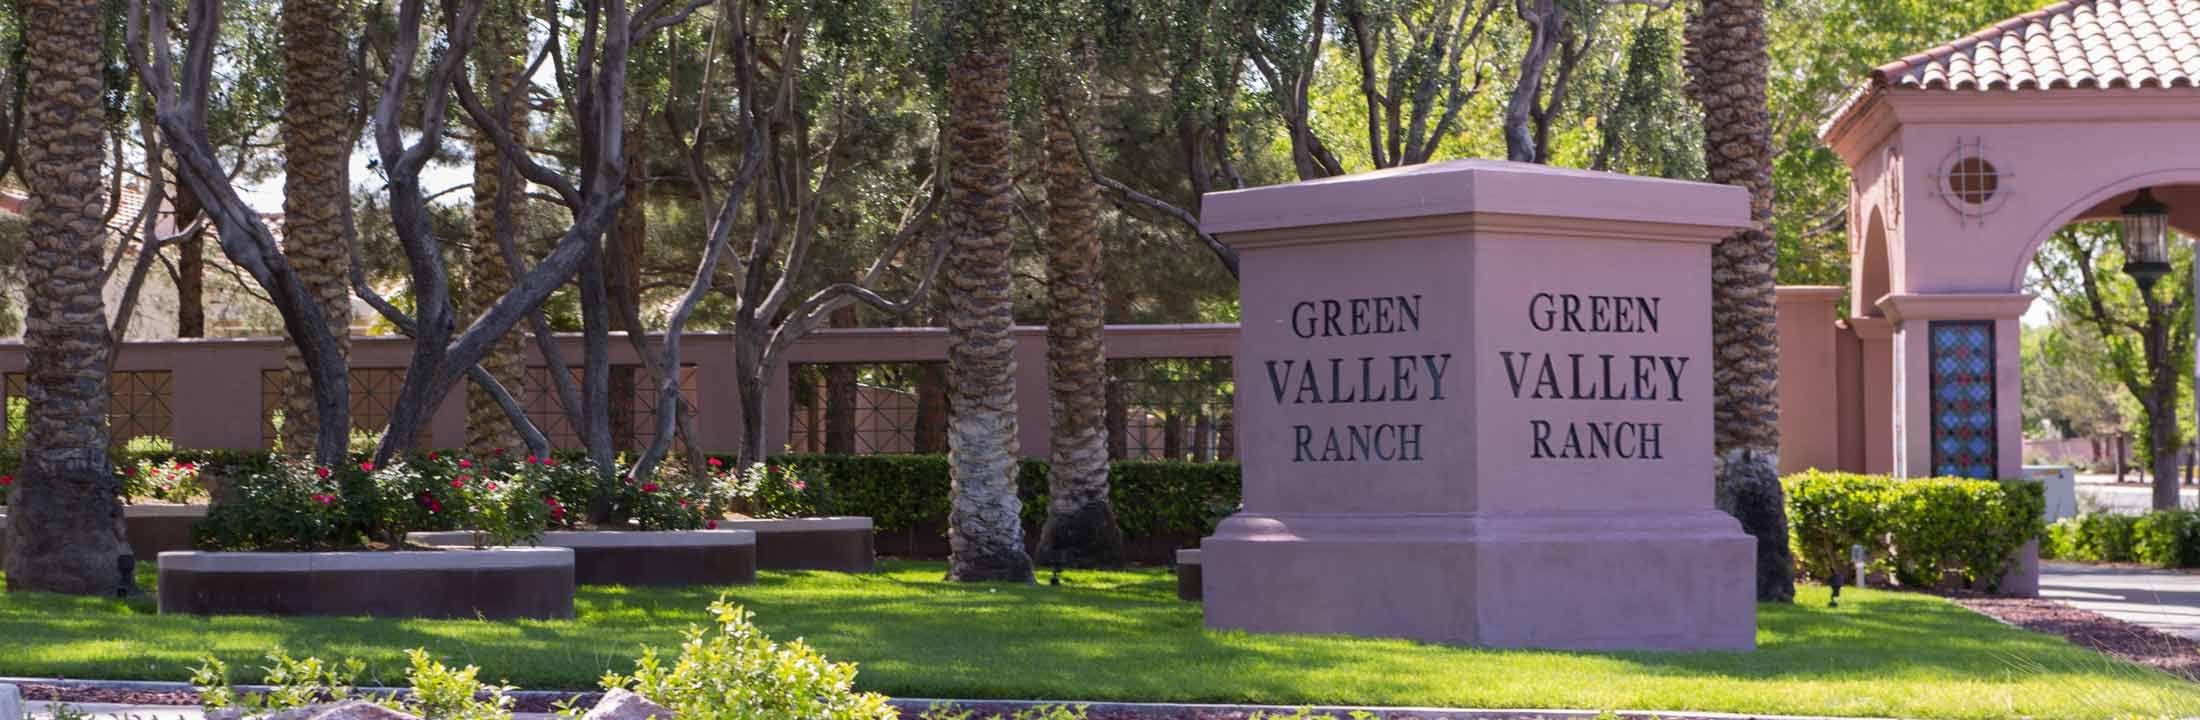 Green Valley Ranch Henderson - LasVegasRealEstate.com